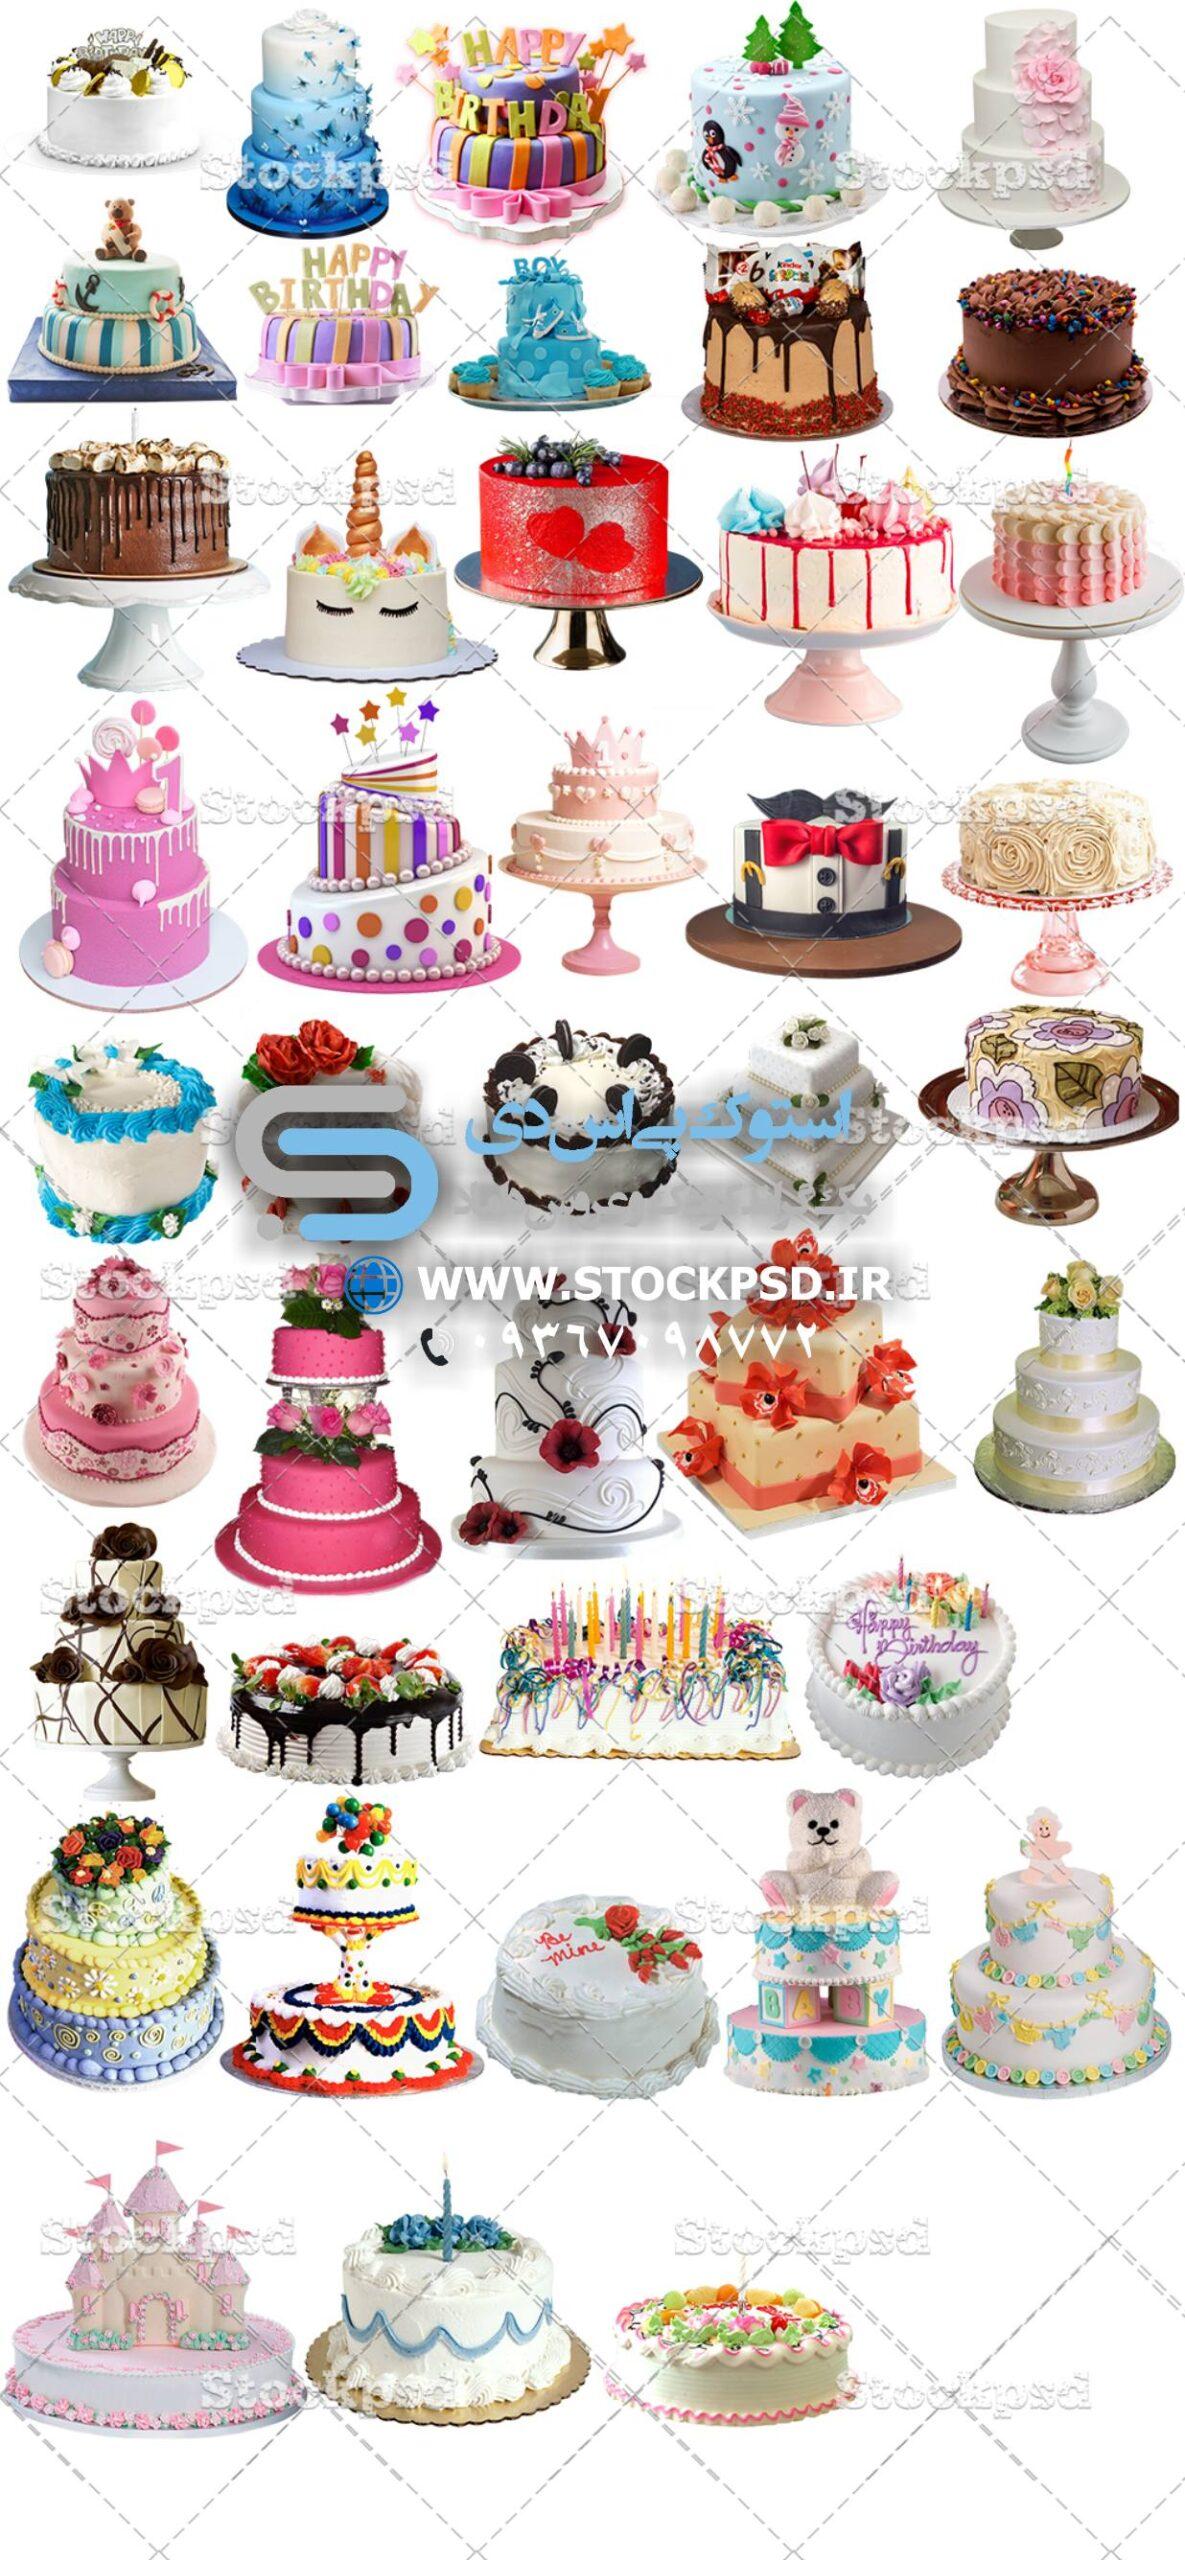 کیک تولد png